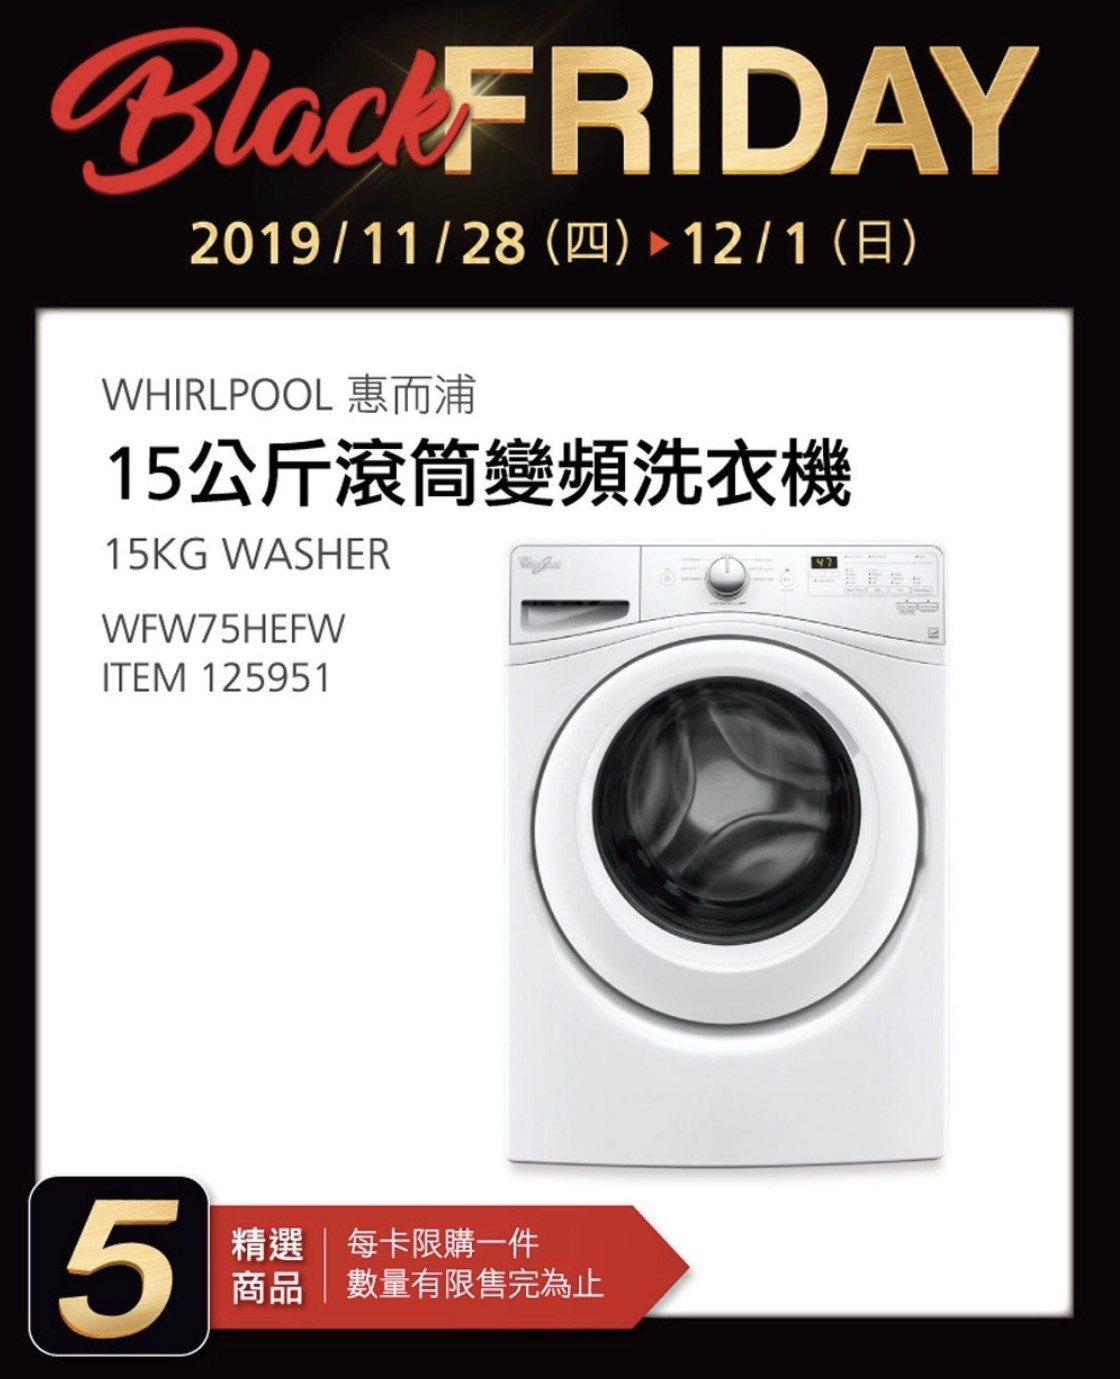 黑五限定優惠「惠而浦 15公斤滾筒變頻洗衣機」。圖/擷自好市多官方APP